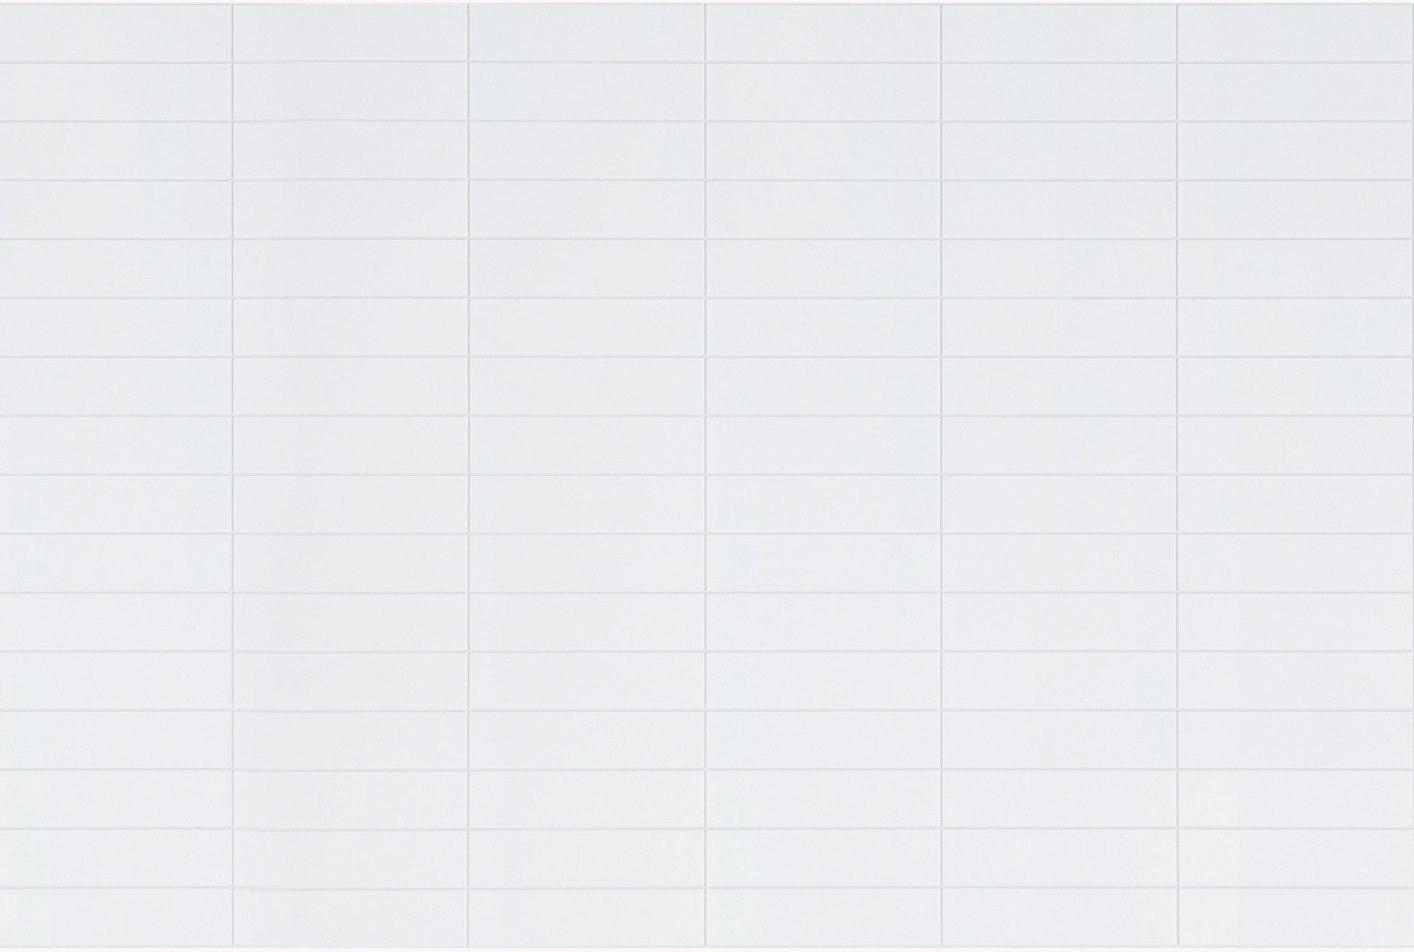 Välitilan laminaatti Valkoinen 7111 kuvio 3,75×15 cm levy